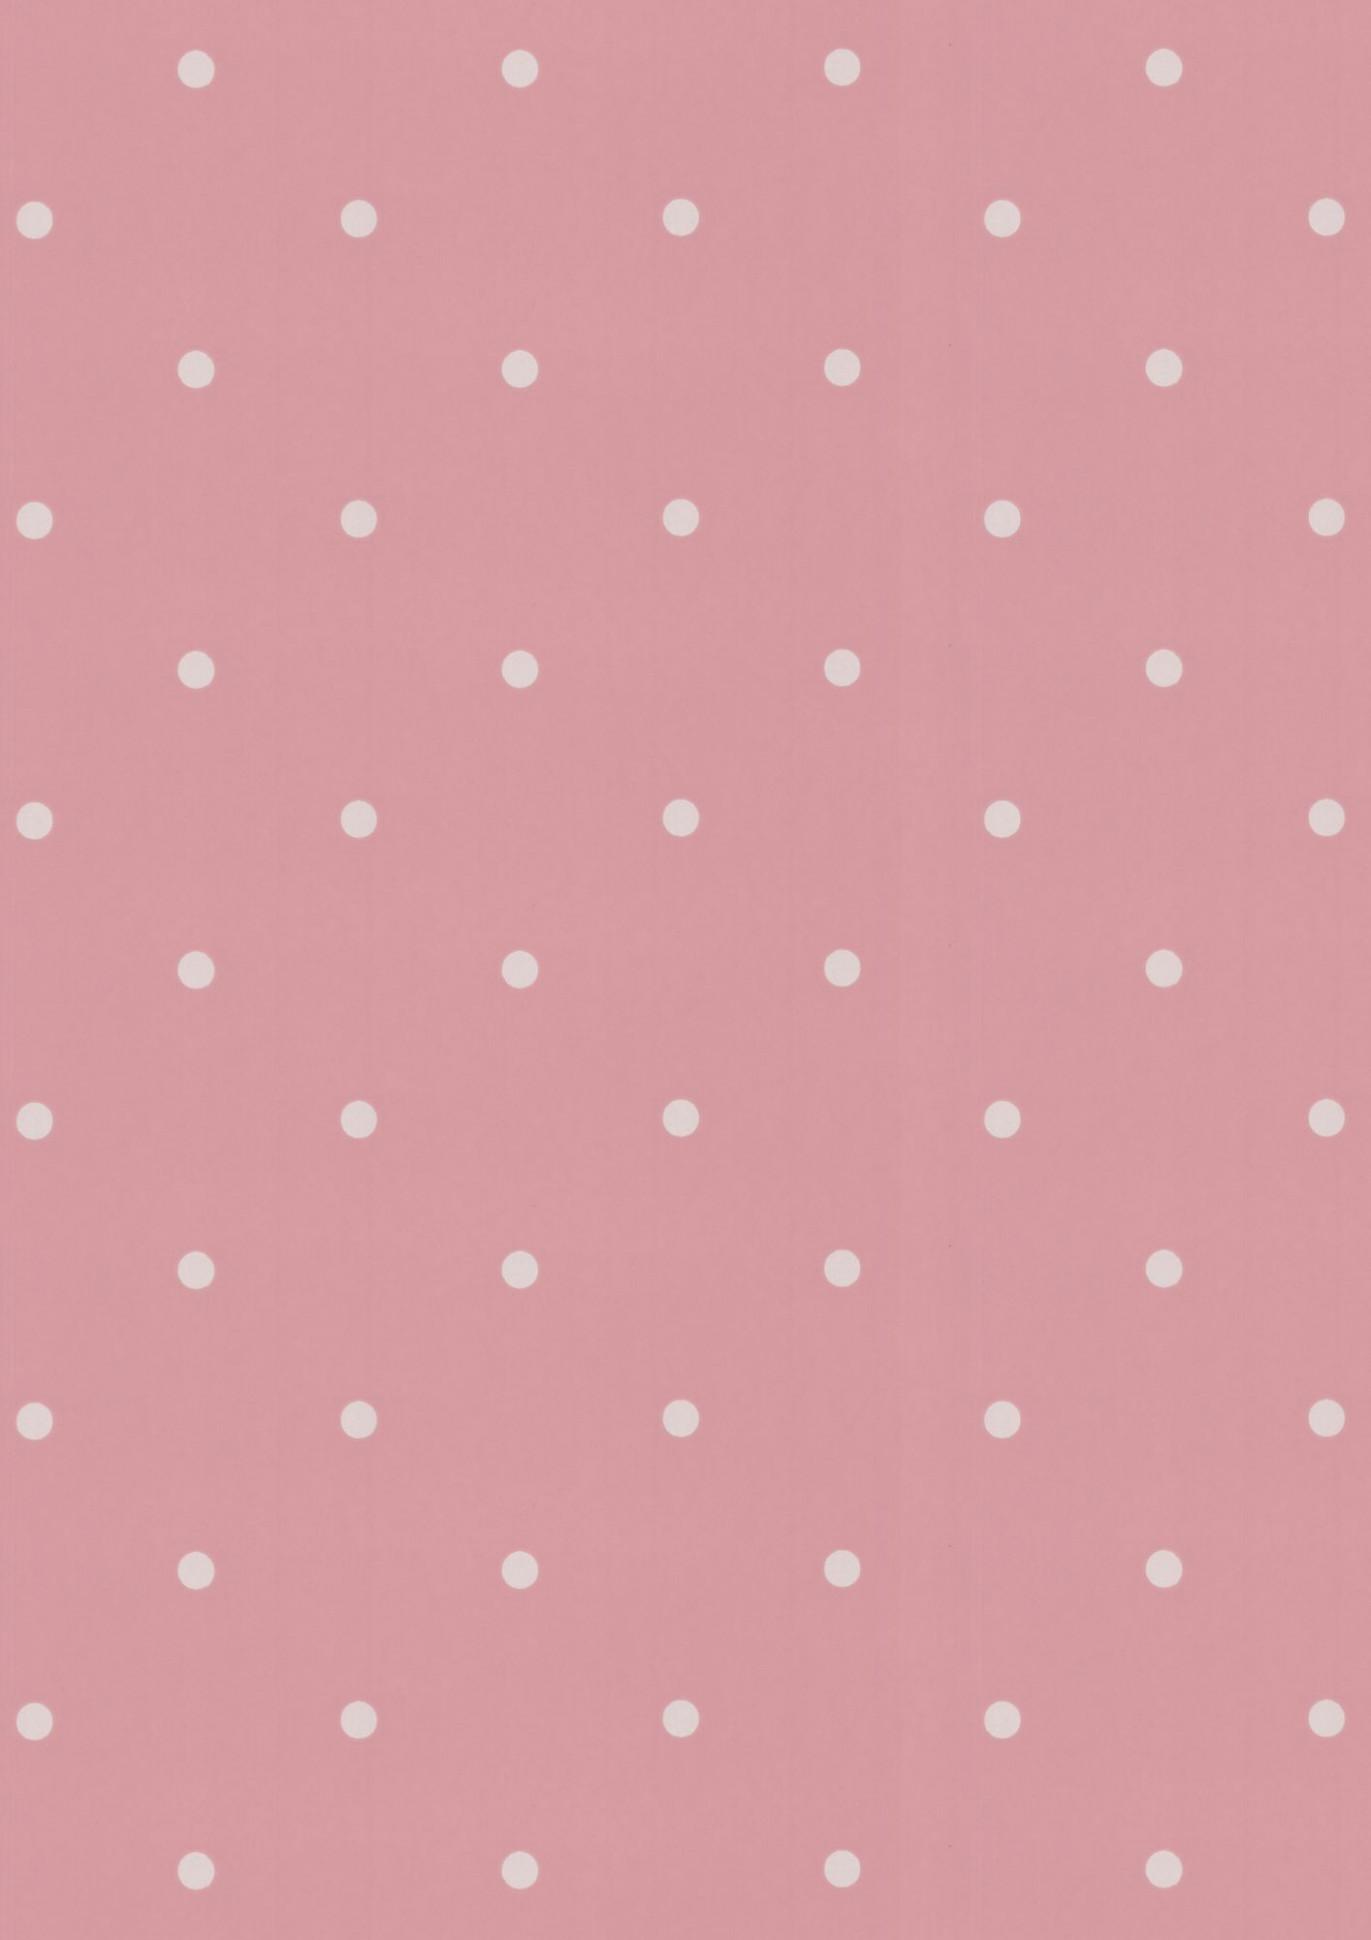 Gambar Wallpaper Polos Warna ✓ Wallpaper References Polka